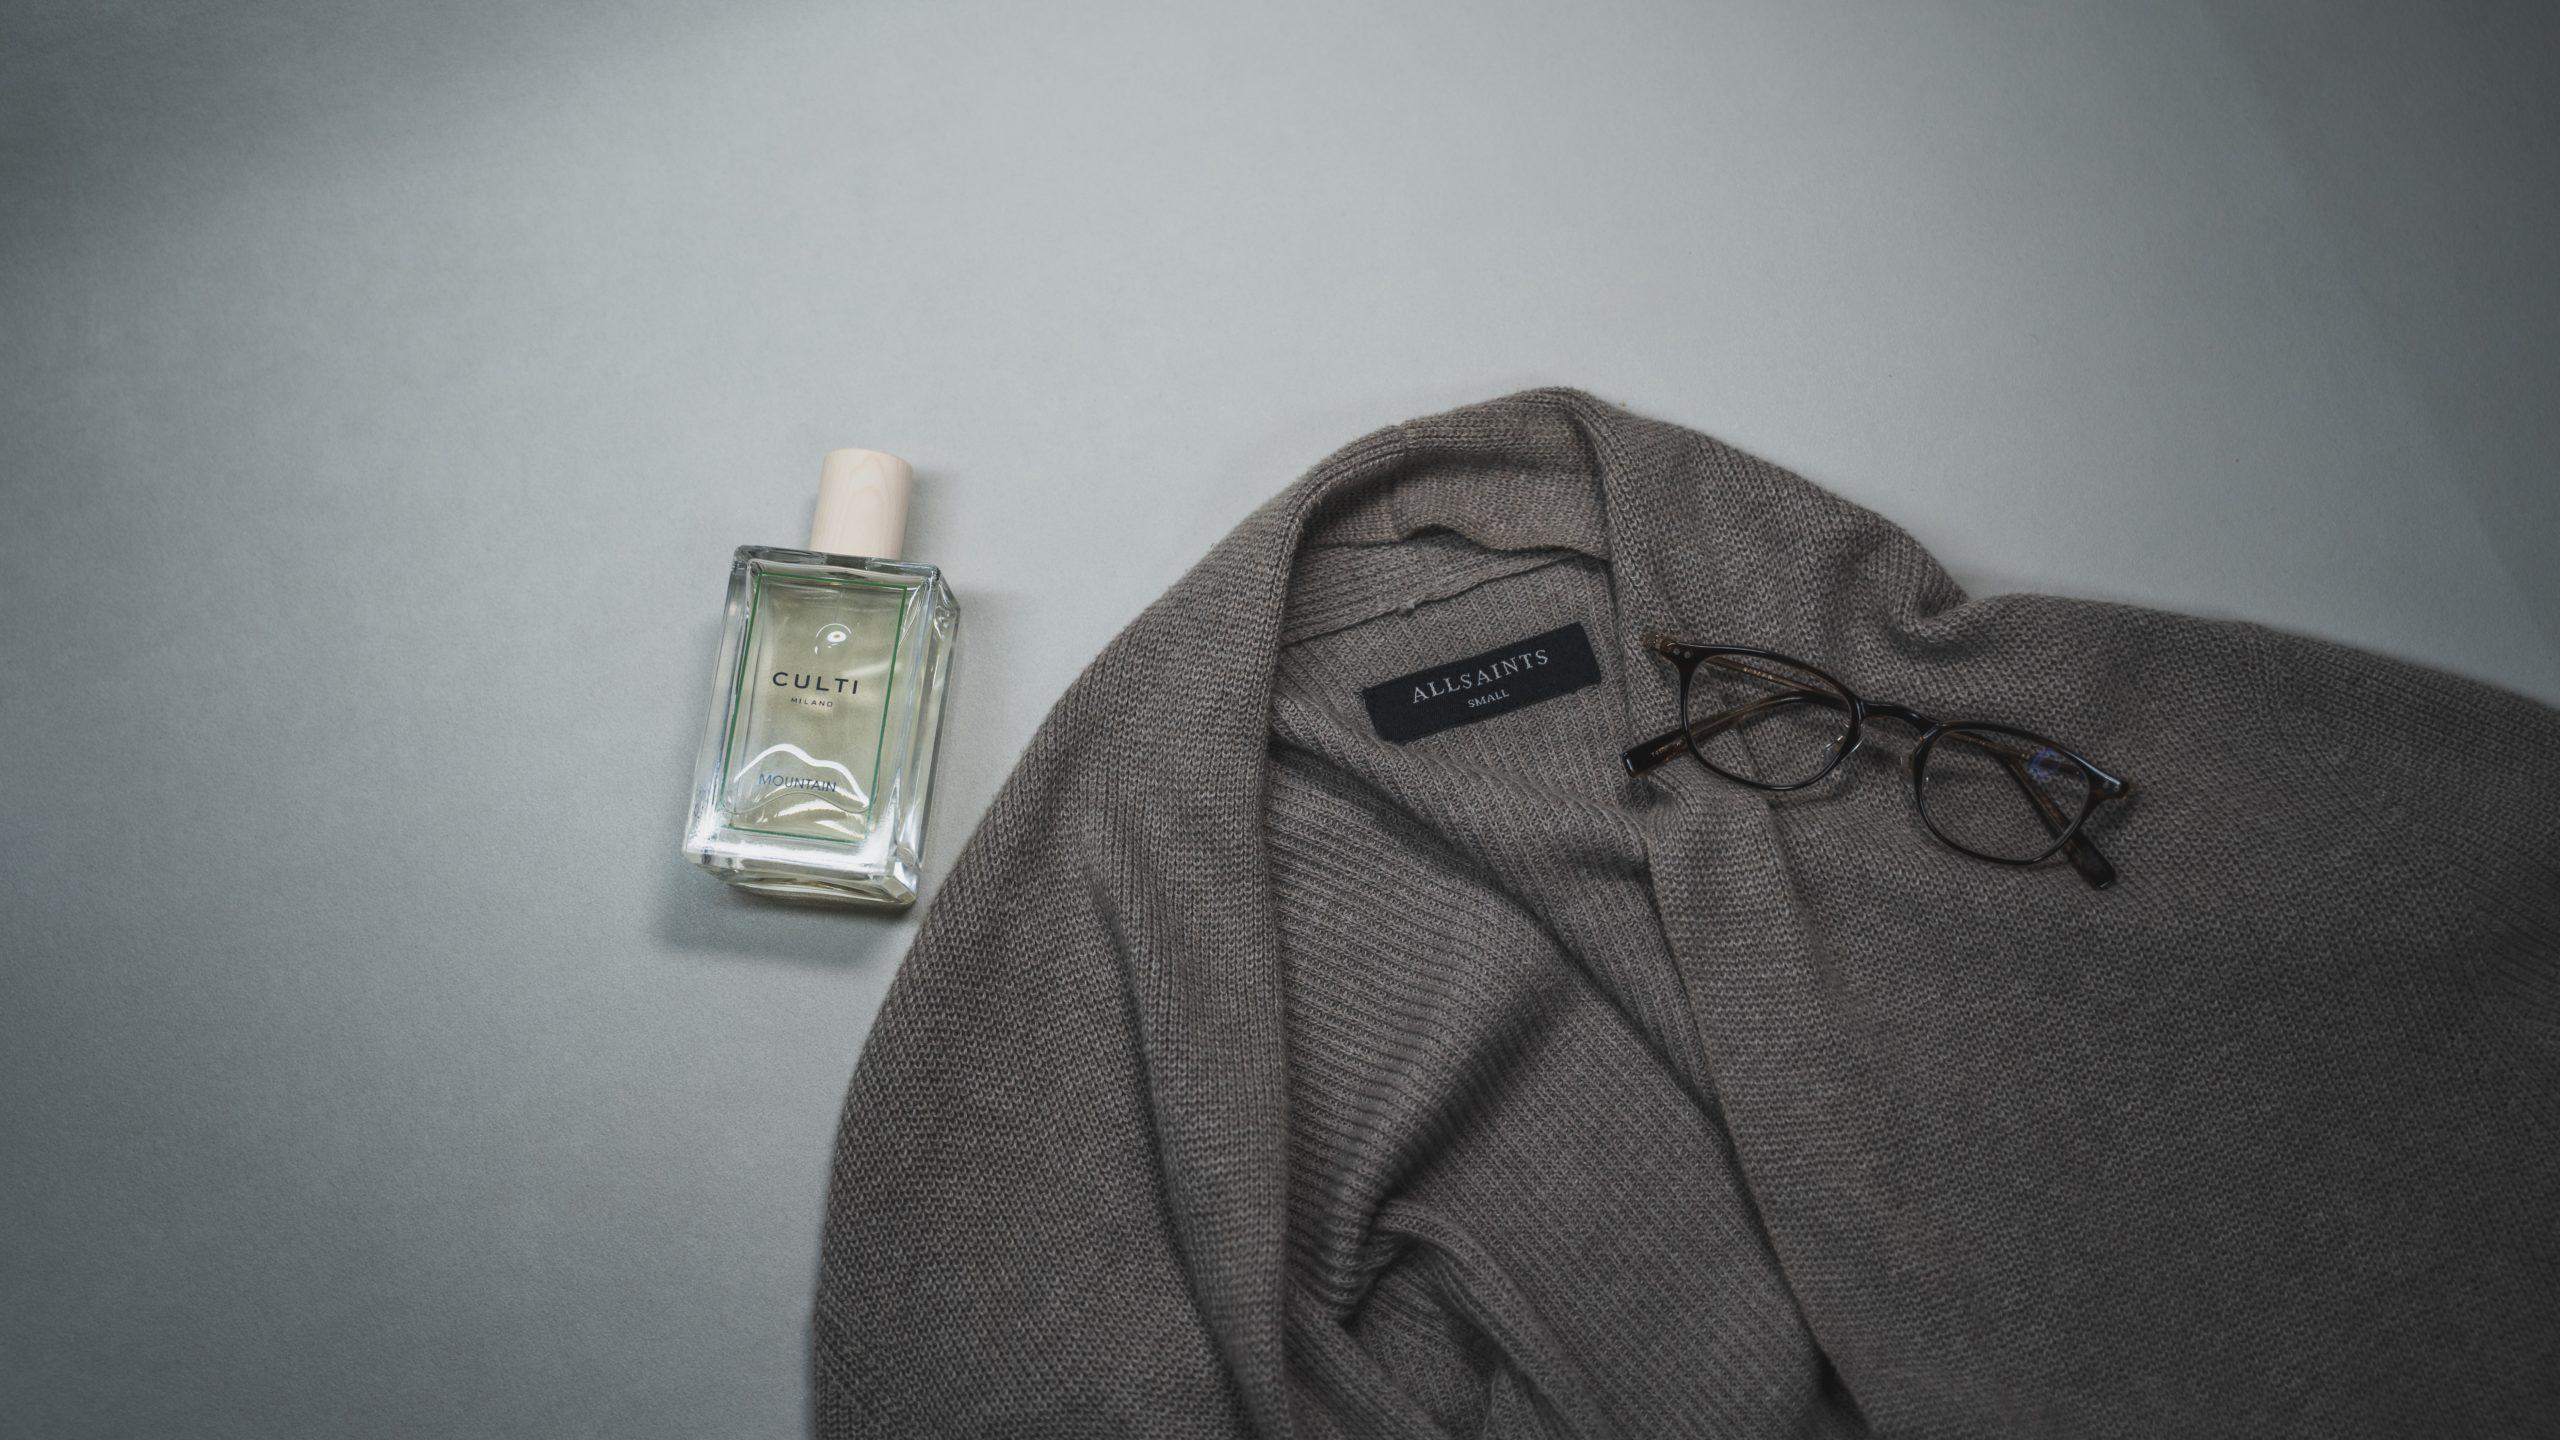 CULTI(クルティ)のルームフレグランス MOUNTAINをレビュー!香りから暮らしを変える